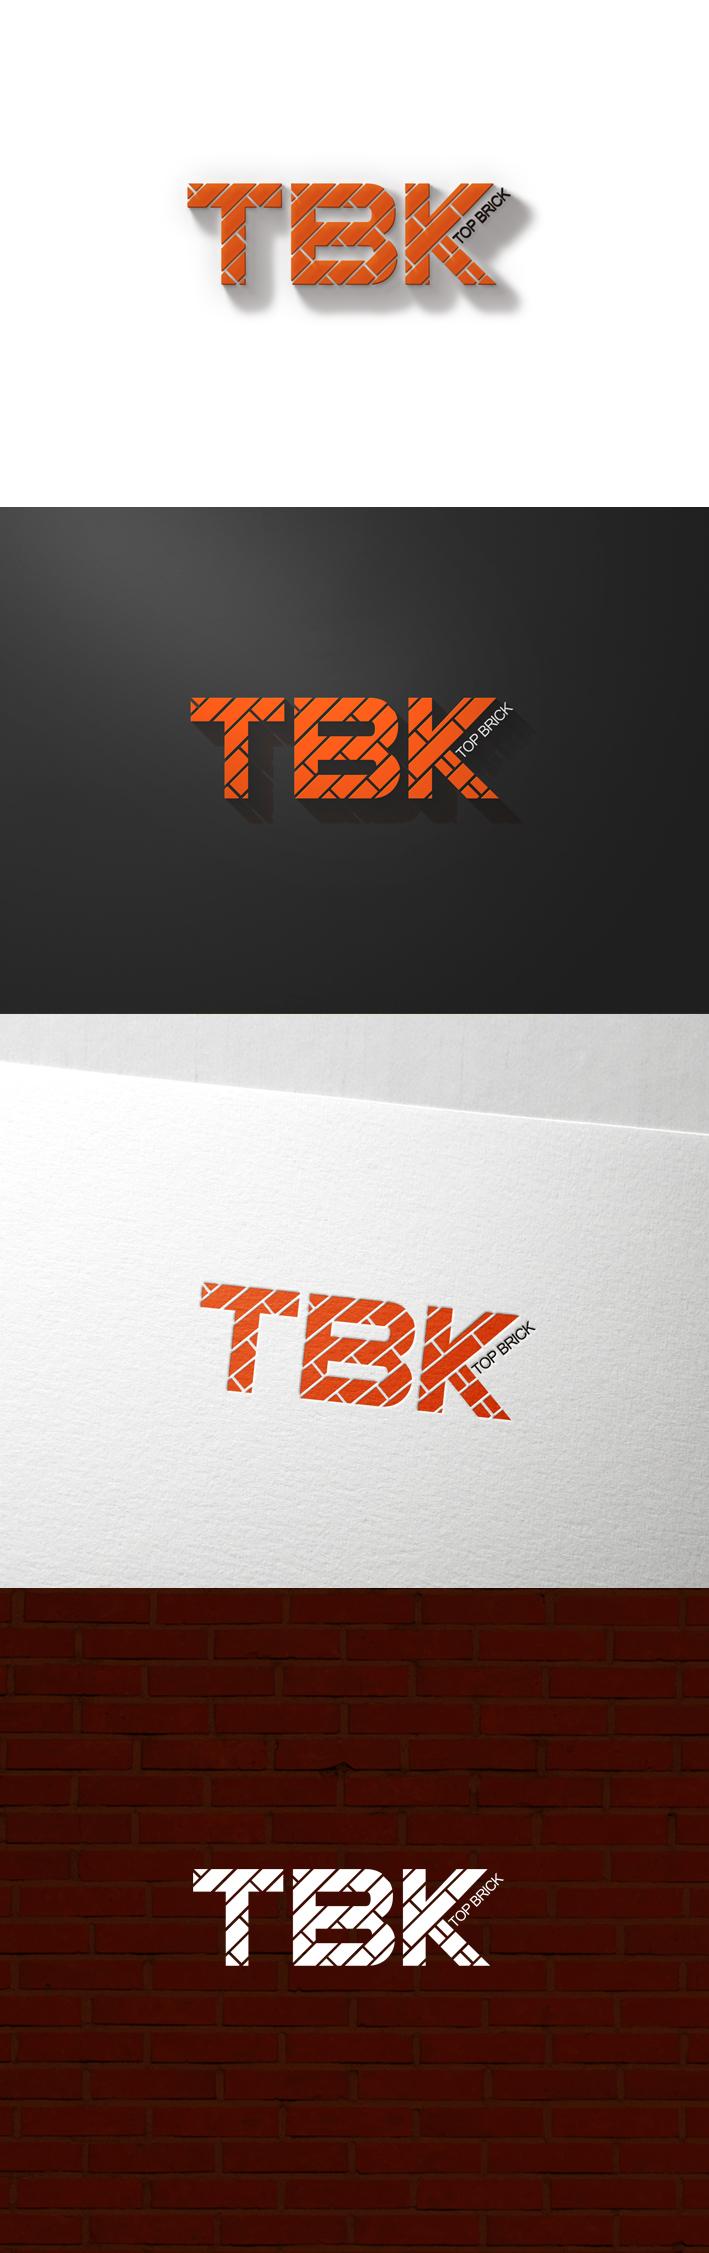 公司Logo设计_3015905_k68威客网